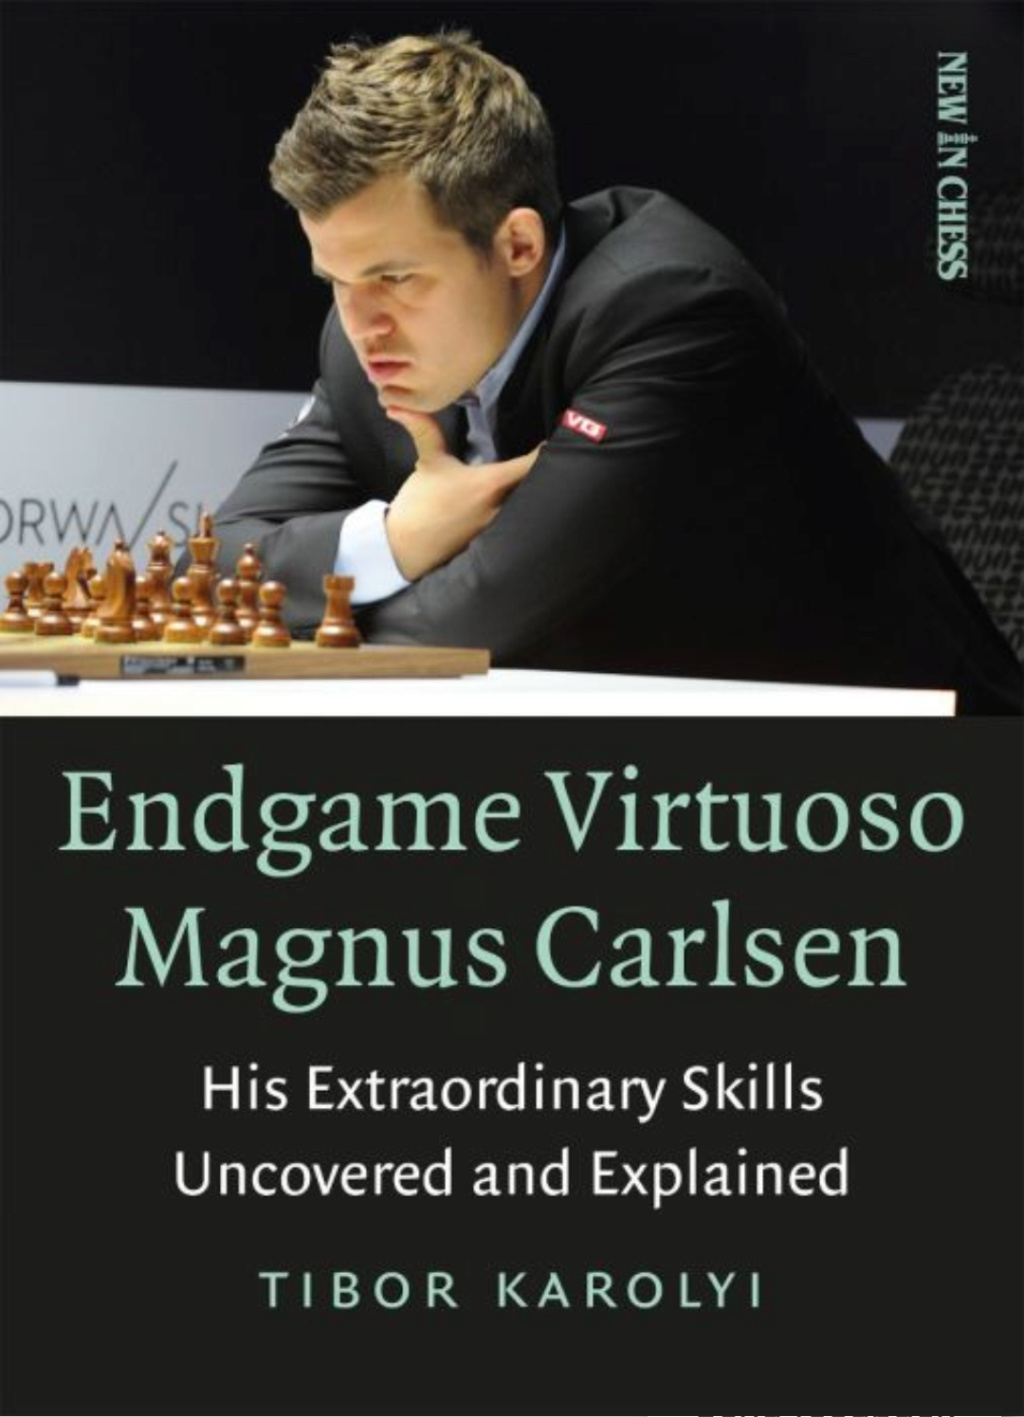 Endgame Virtuoso Magnus Carlsen Screen10